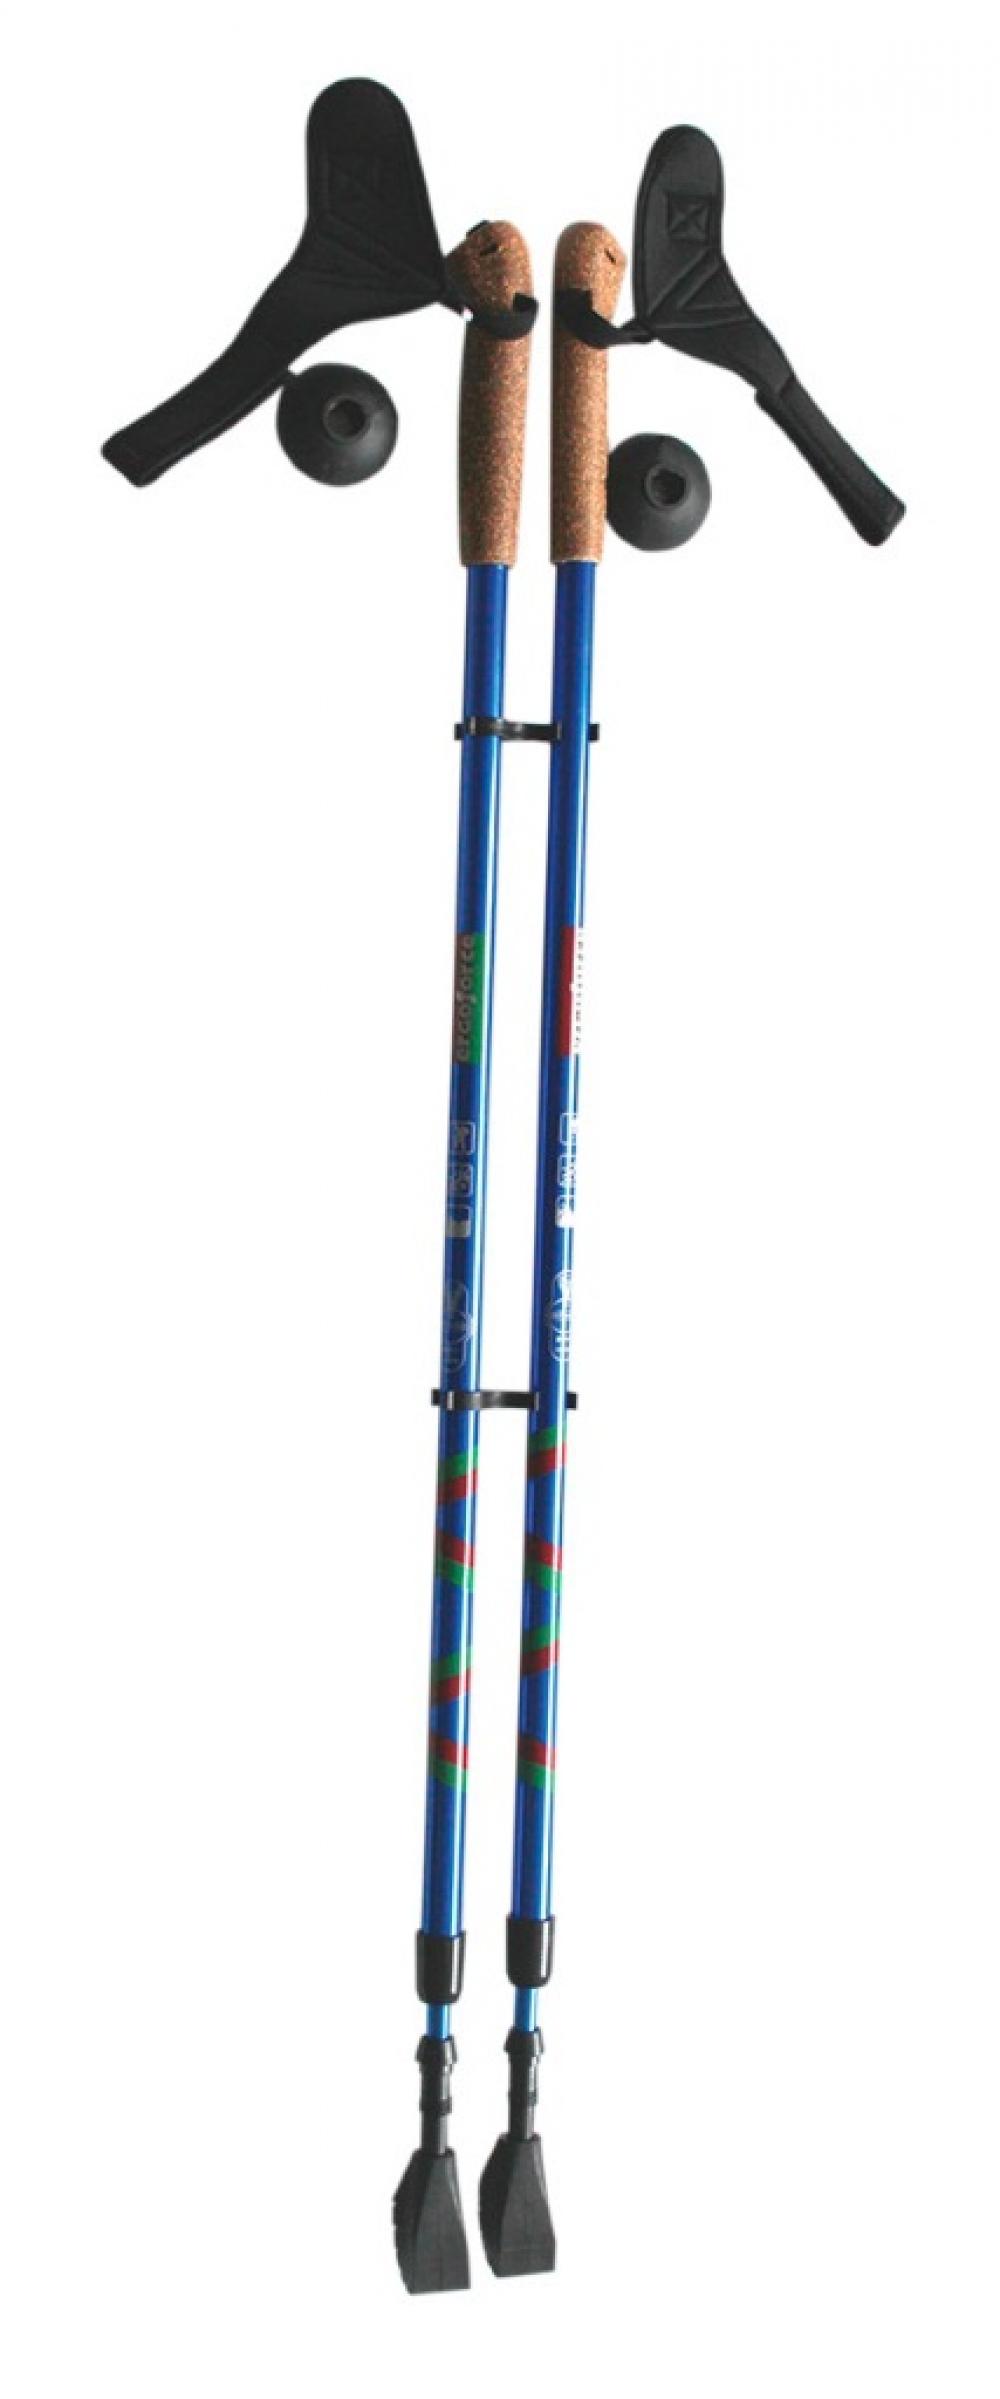 Трости для «скандинавской» ходьбы Е 0673 (Атлетика)